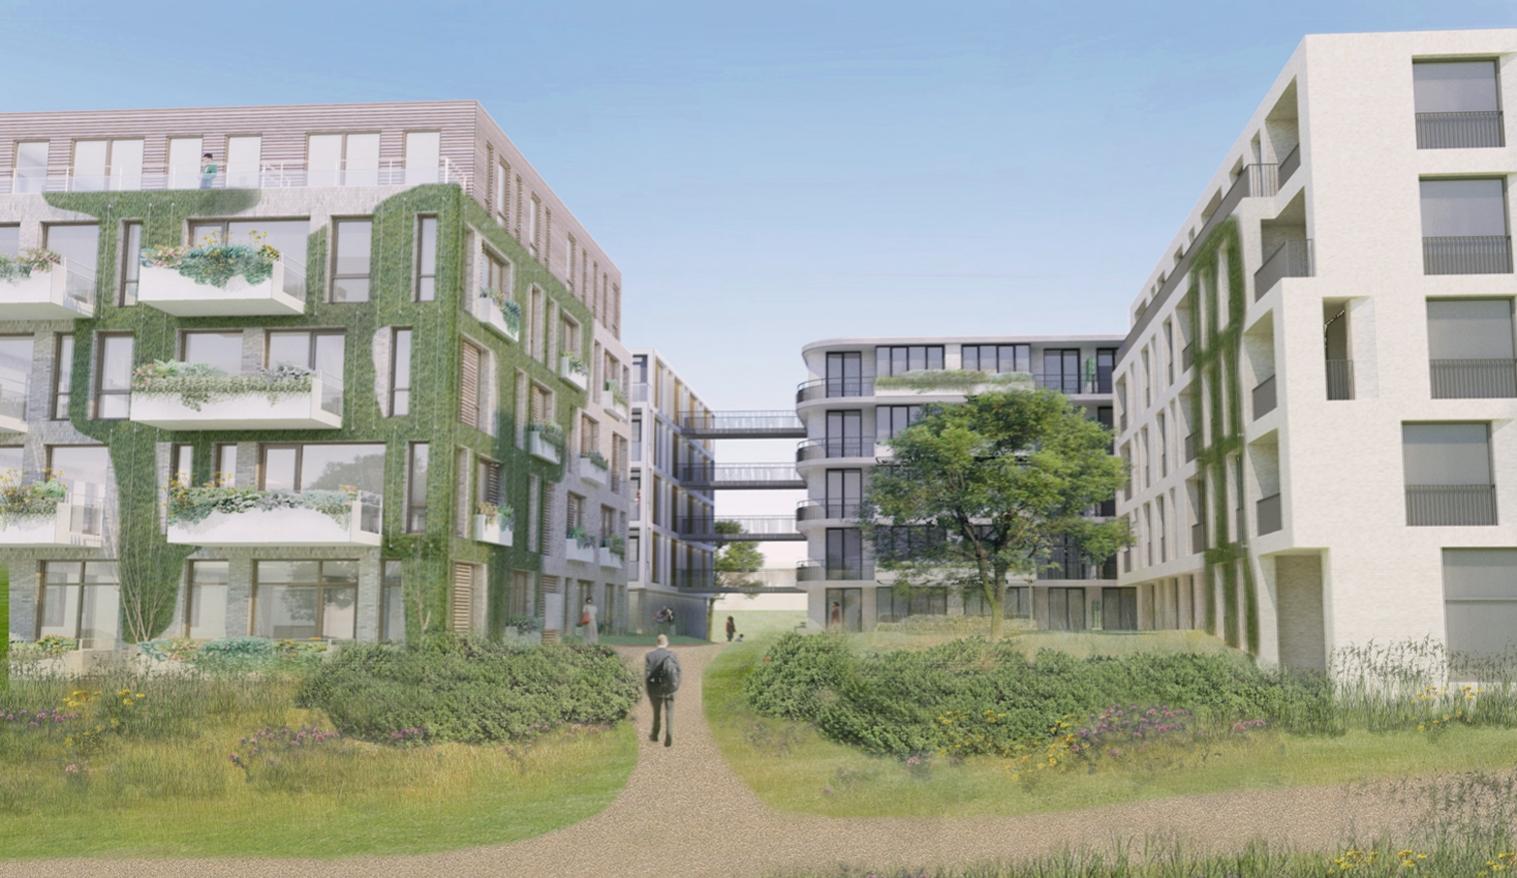 02 OPL Architecten_Cartesius Utrecht-1516×878-72dpi